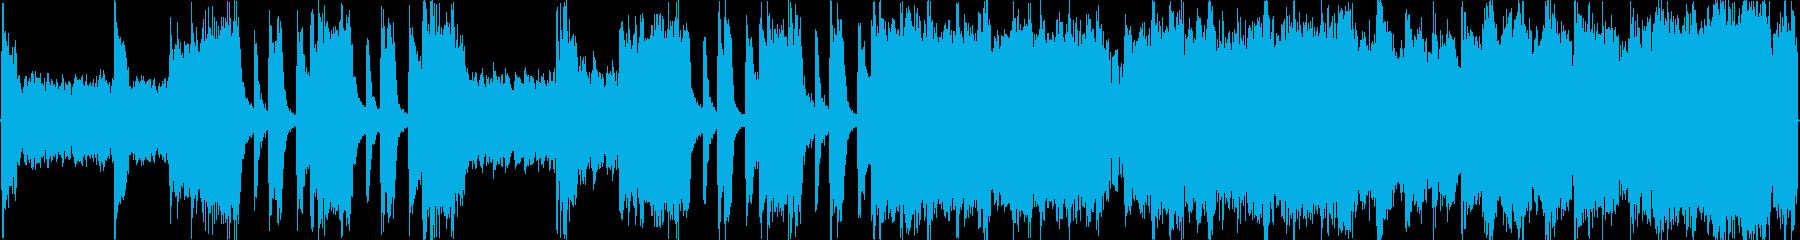 前半のブレイクとシンセのフレーズで緊迫…の再生済みの波形